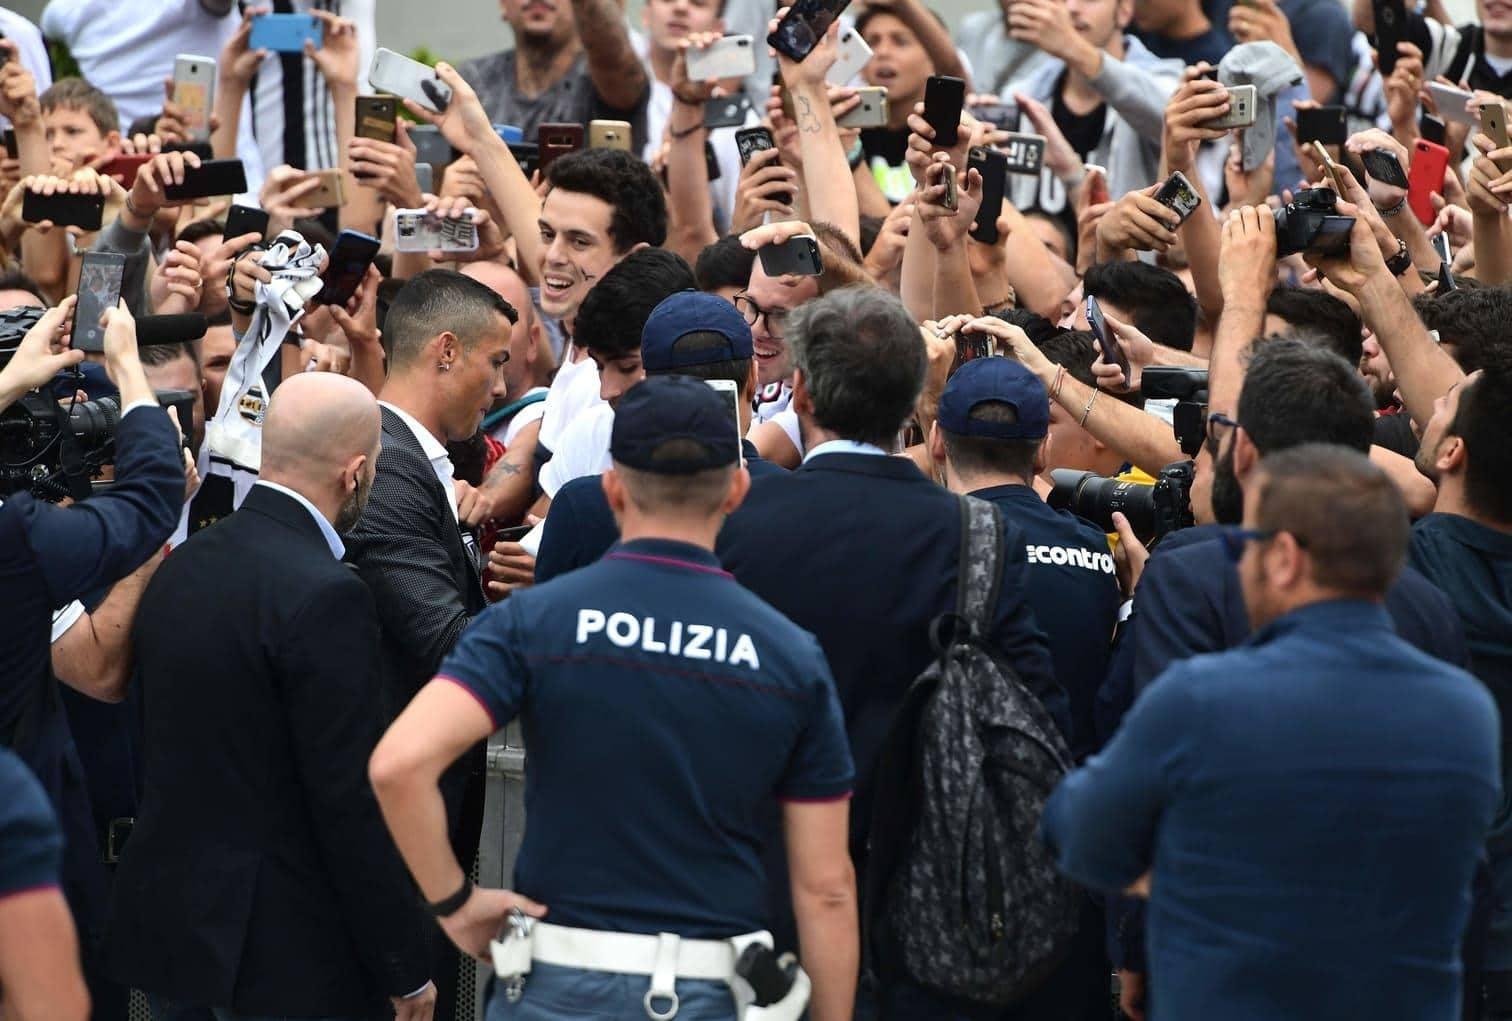 """Ronaldo ist für Italien ein """"Außerirdischer"""" und """"Lottogewinn"""" zugleich.&nbsp;</p> Foto: AFP"""